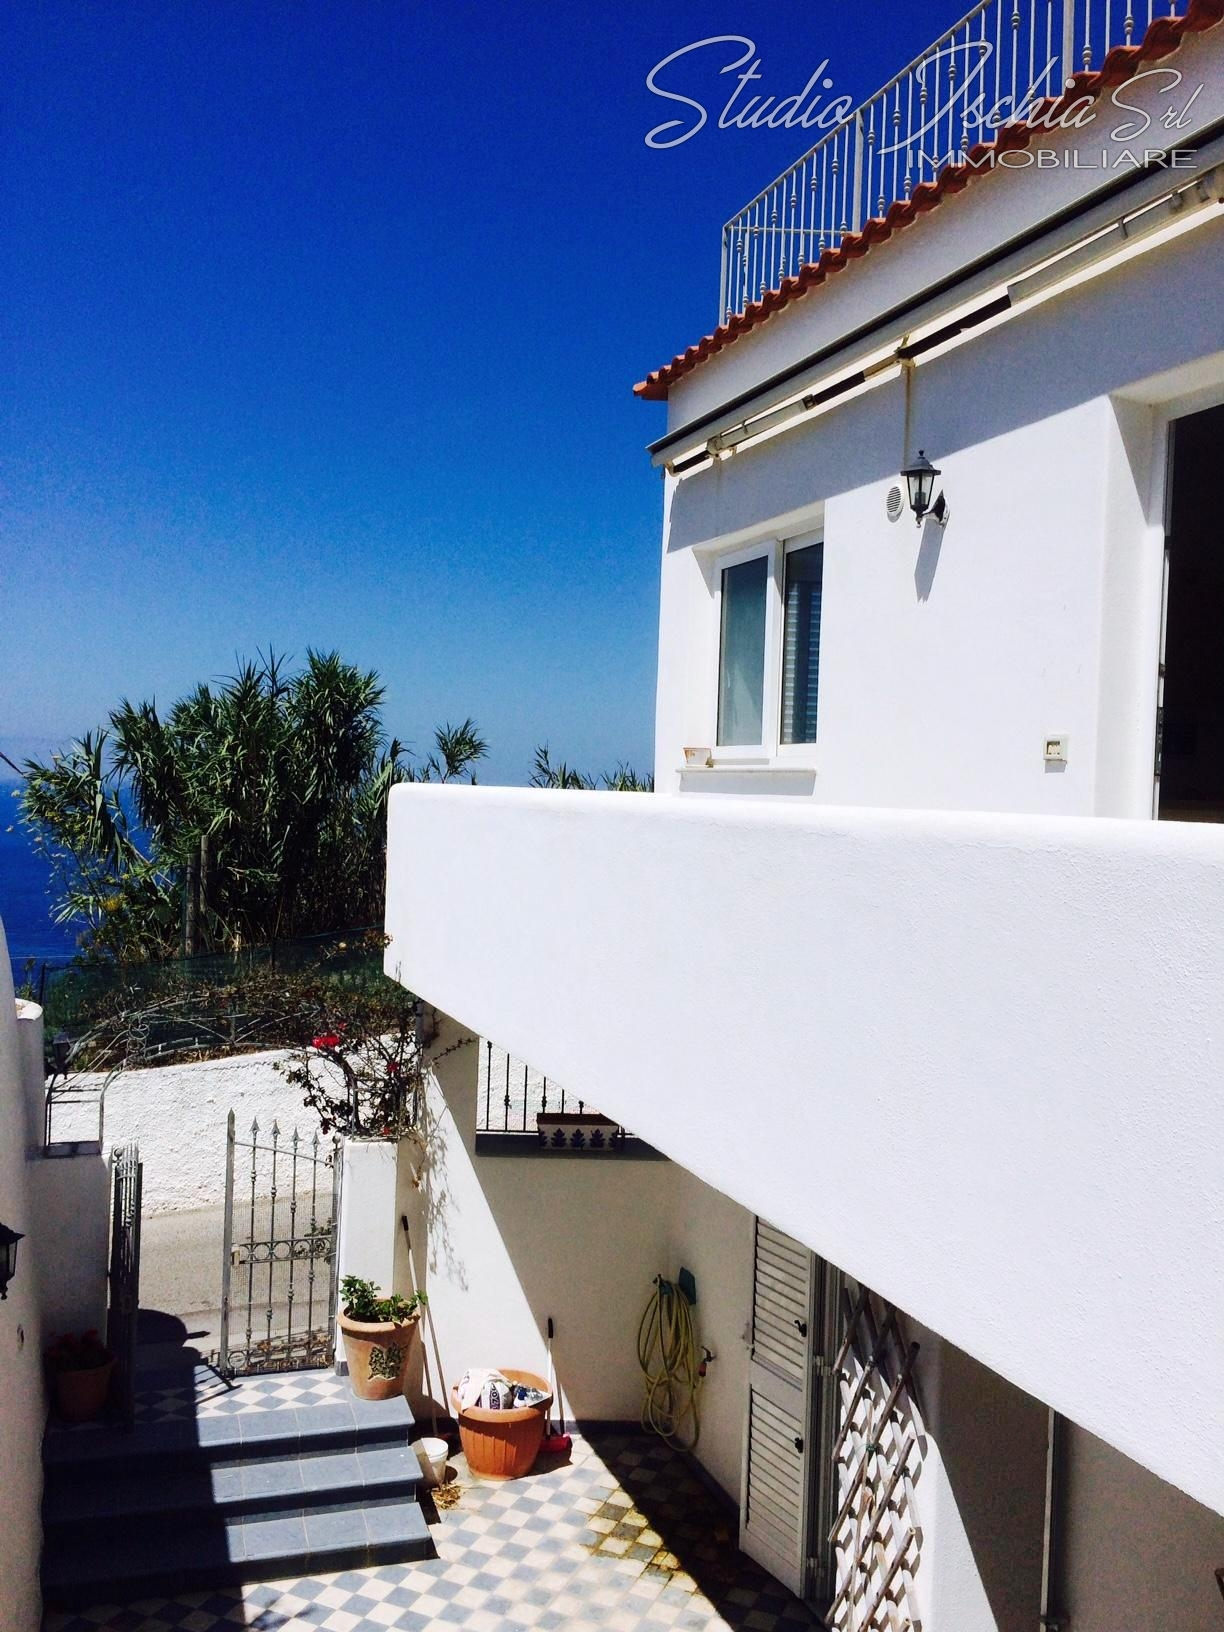 Appartamento in vendita a Forio, 4 locali, zona Zona: Panza, prezzo € 350.000 | CambioCasa.it